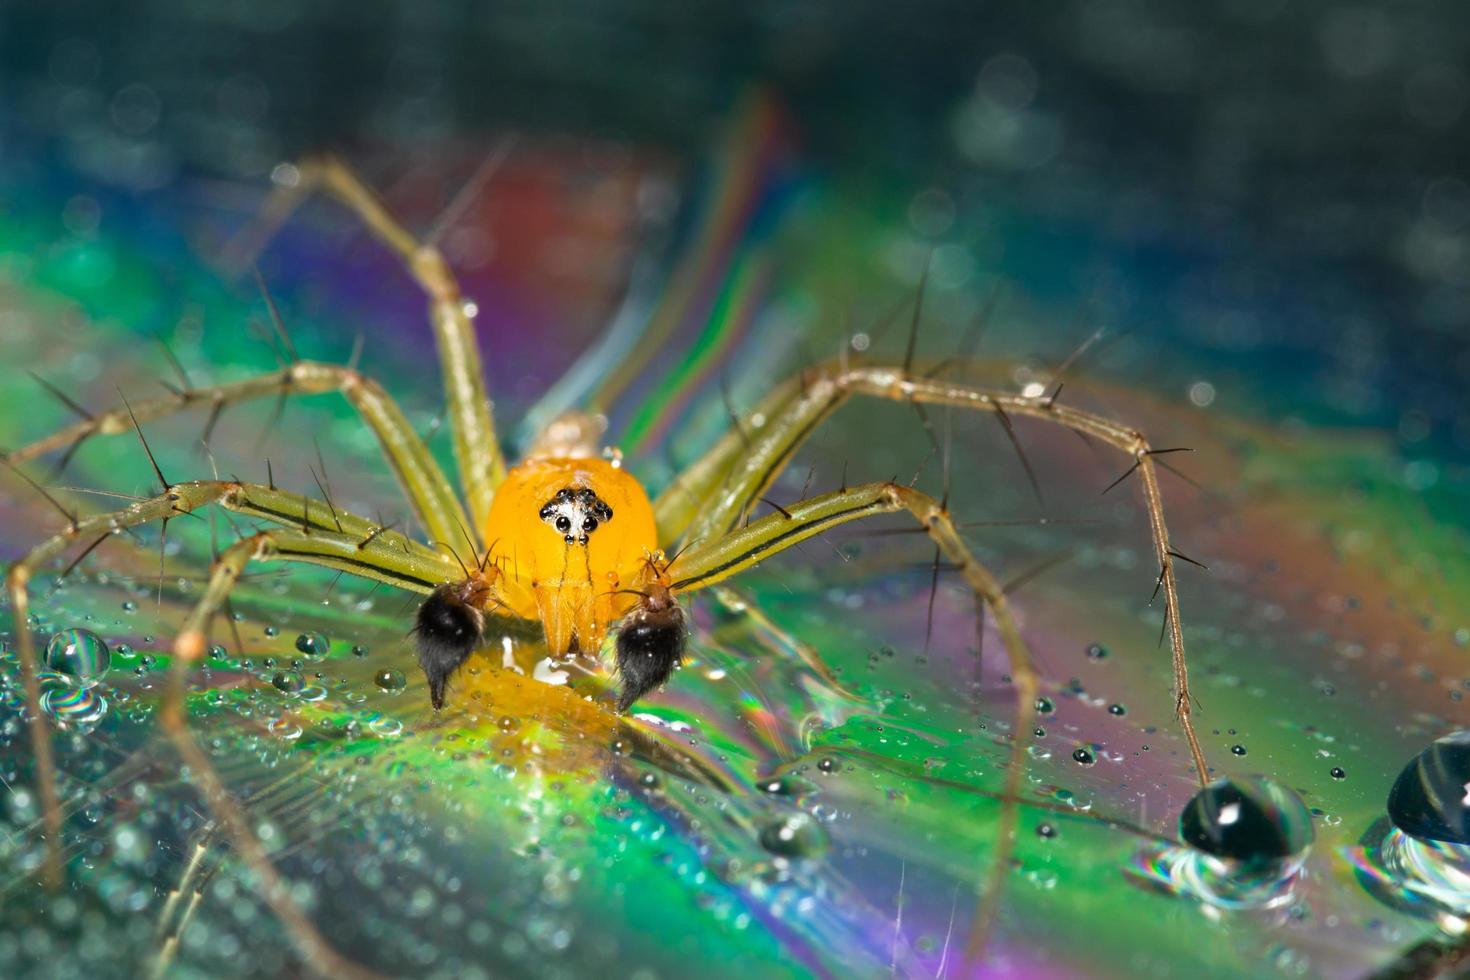 Spinne auf einem reflektierenden Hintergrund foto